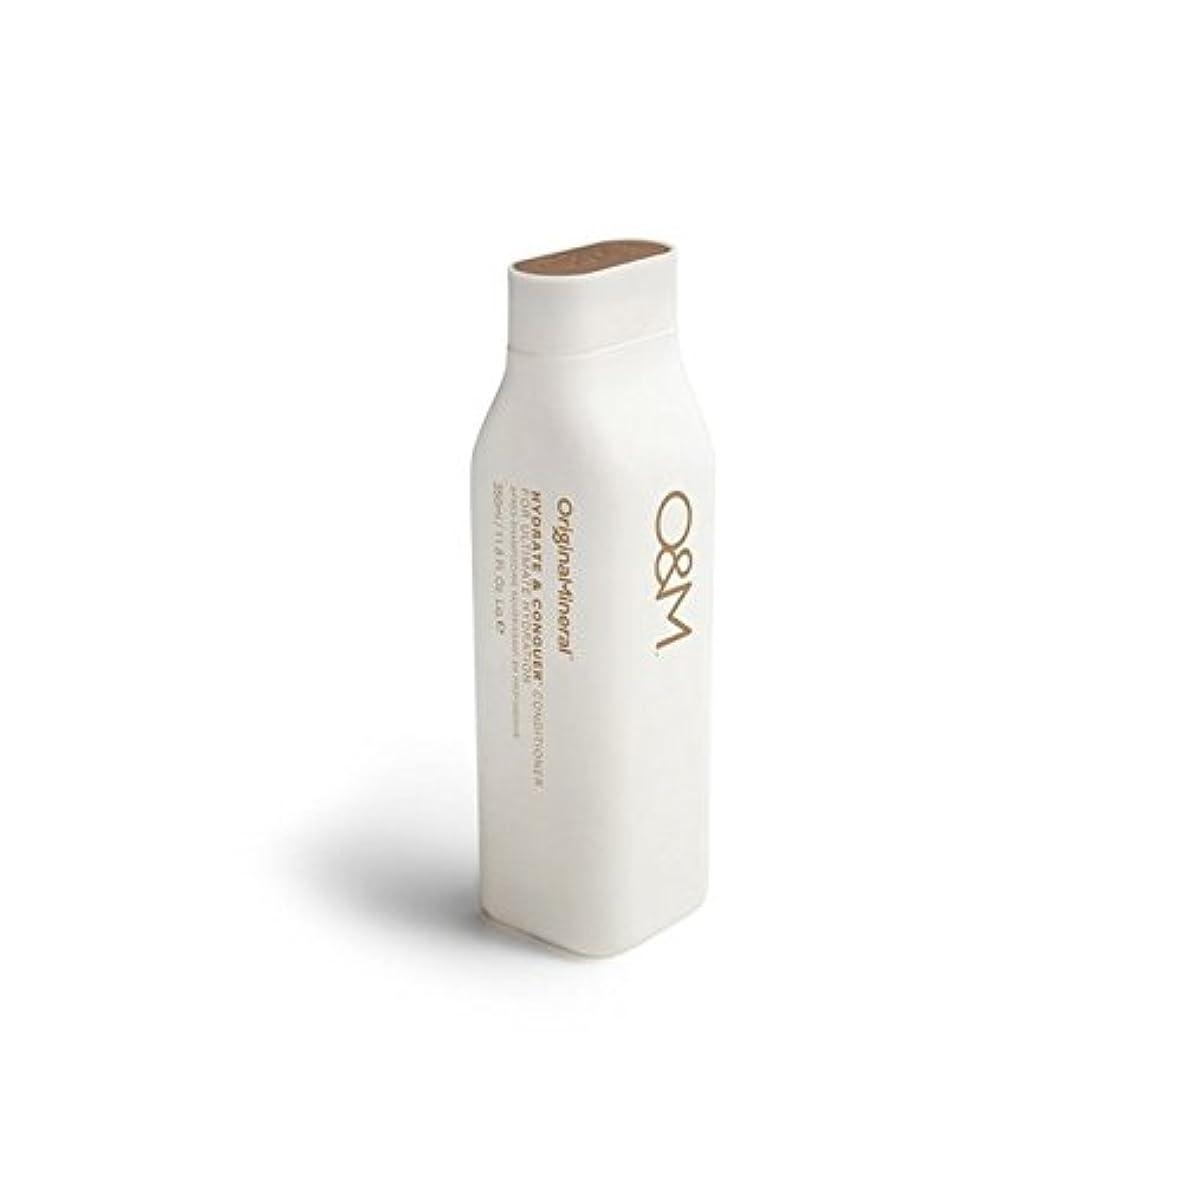 エールトランペット弾性Original & Mineral Hydrate And Conquer Conditioner (350ml) - オリジナル&ミネラル水和物及びコンディショナー(350ミリリットル)を征服 [並行輸入品]